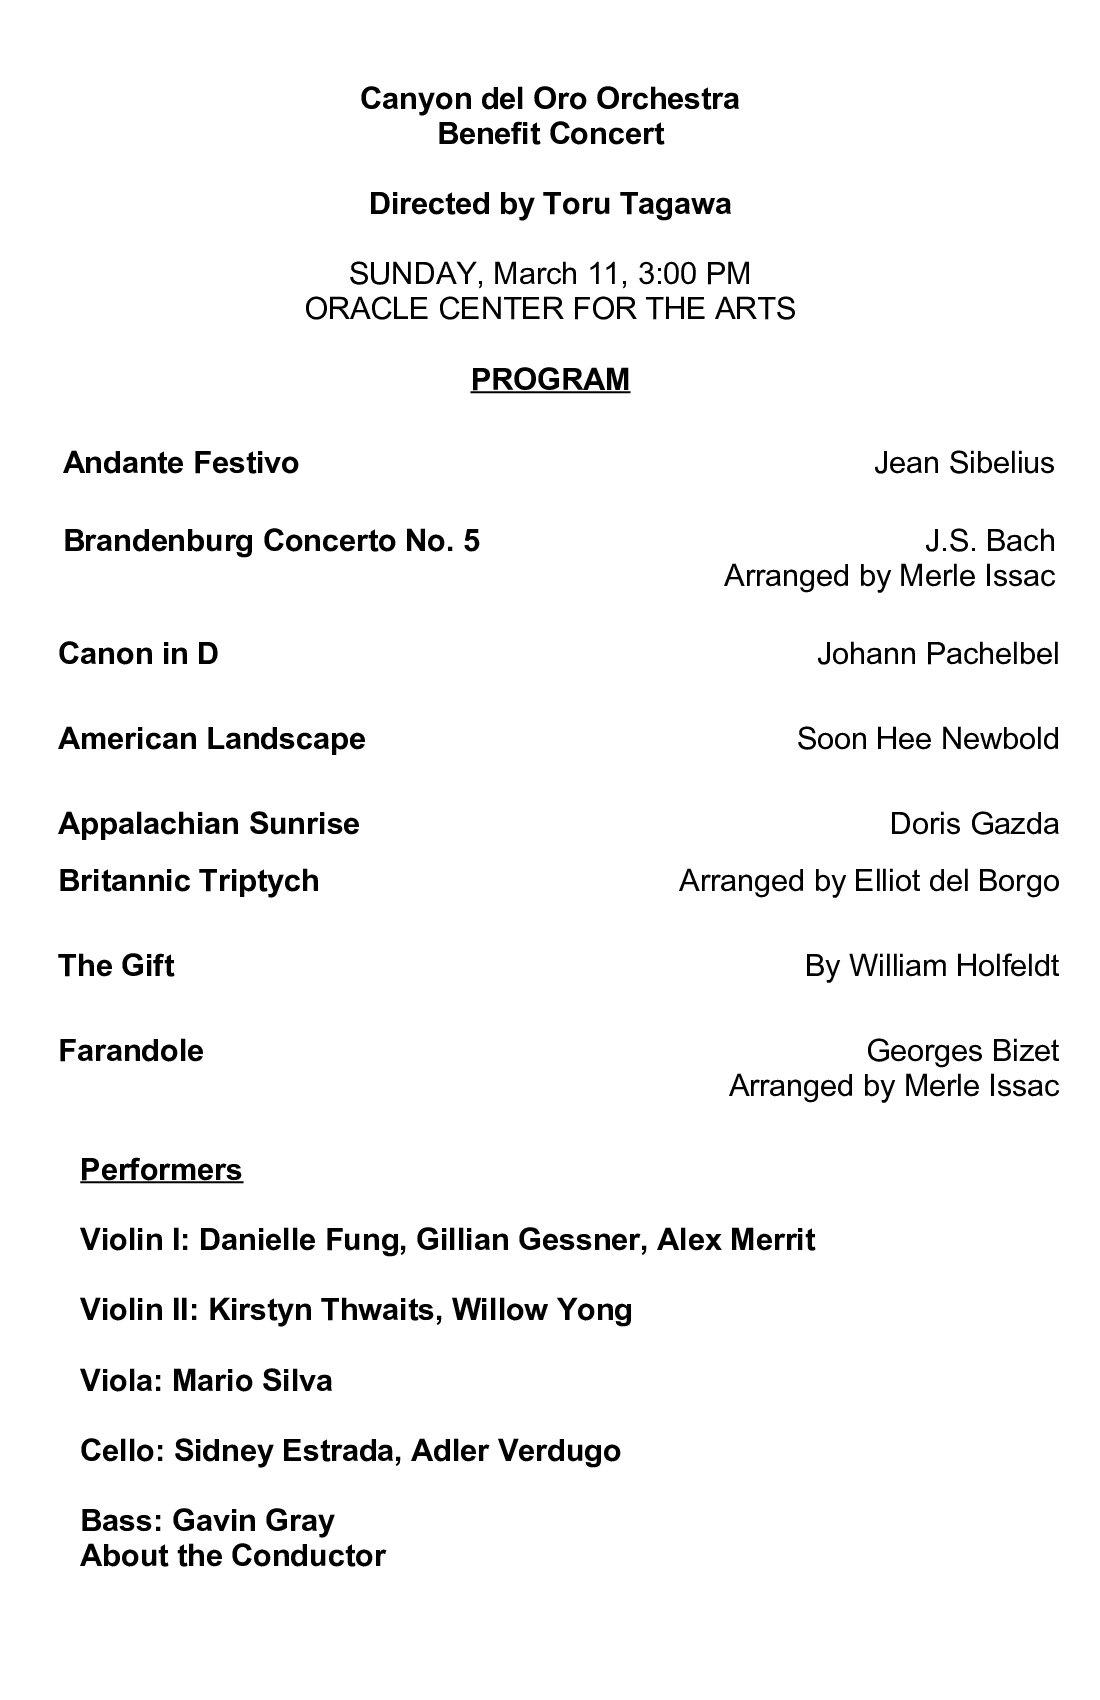 CDO Orchestra Concert Program